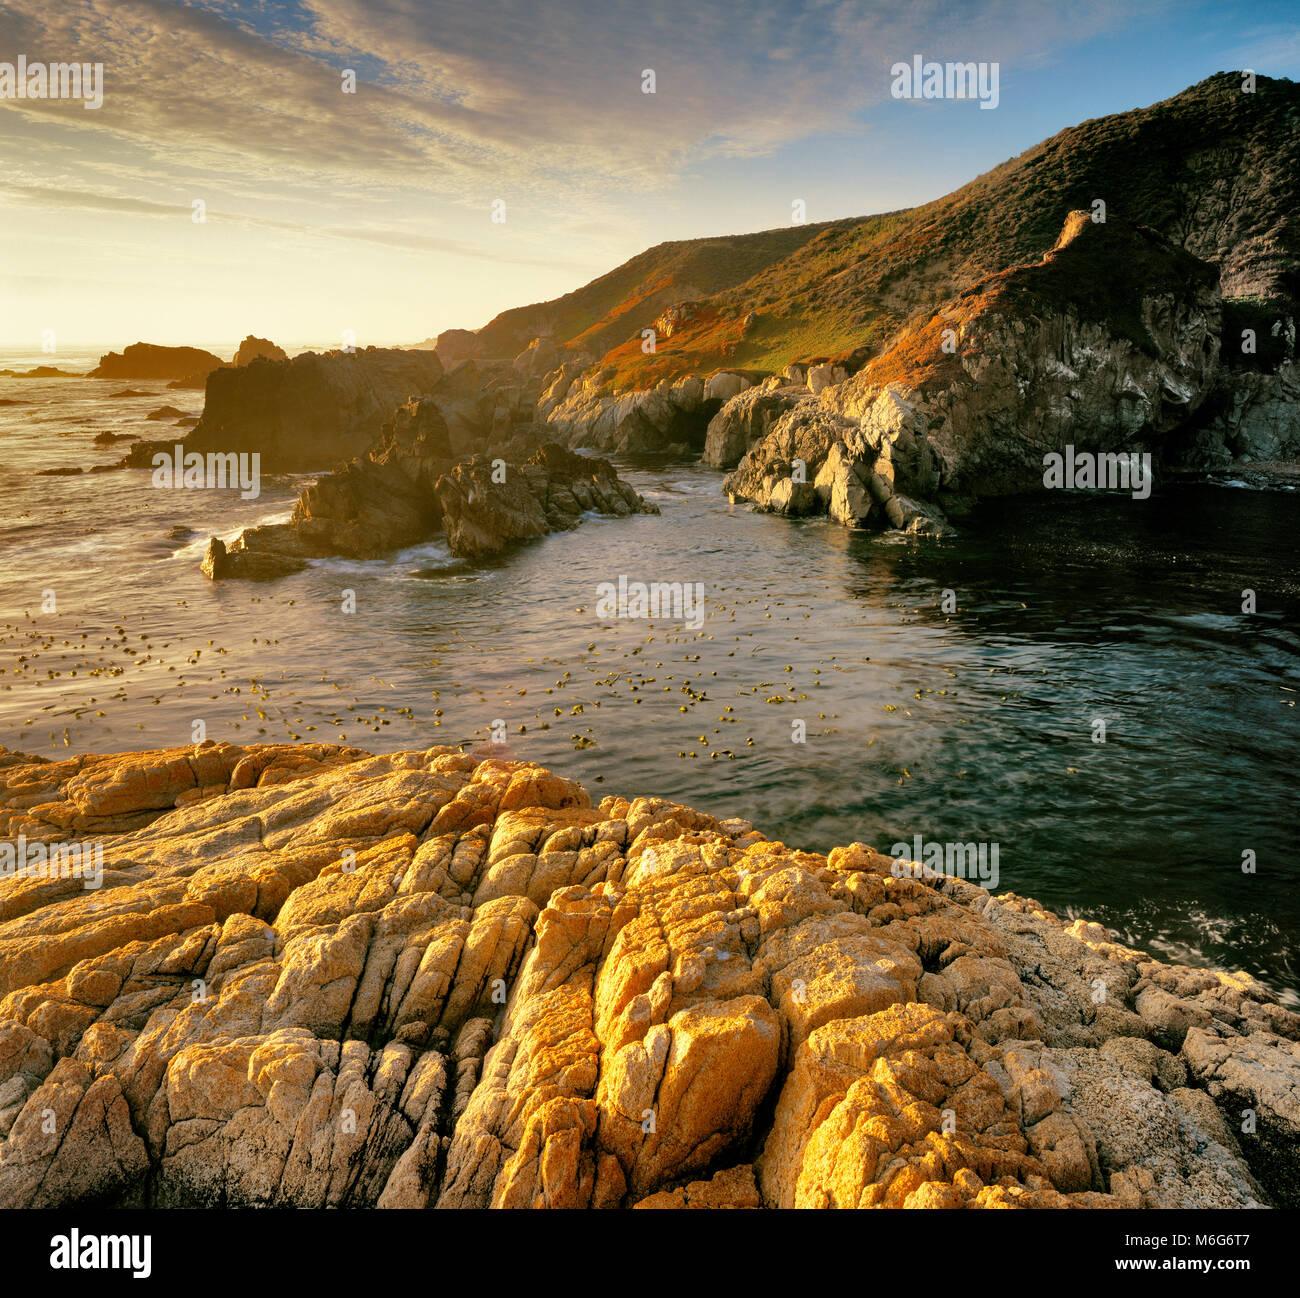 Granito, Garrapata State Park, Big Sur, Monterey County, California Immagini Stock